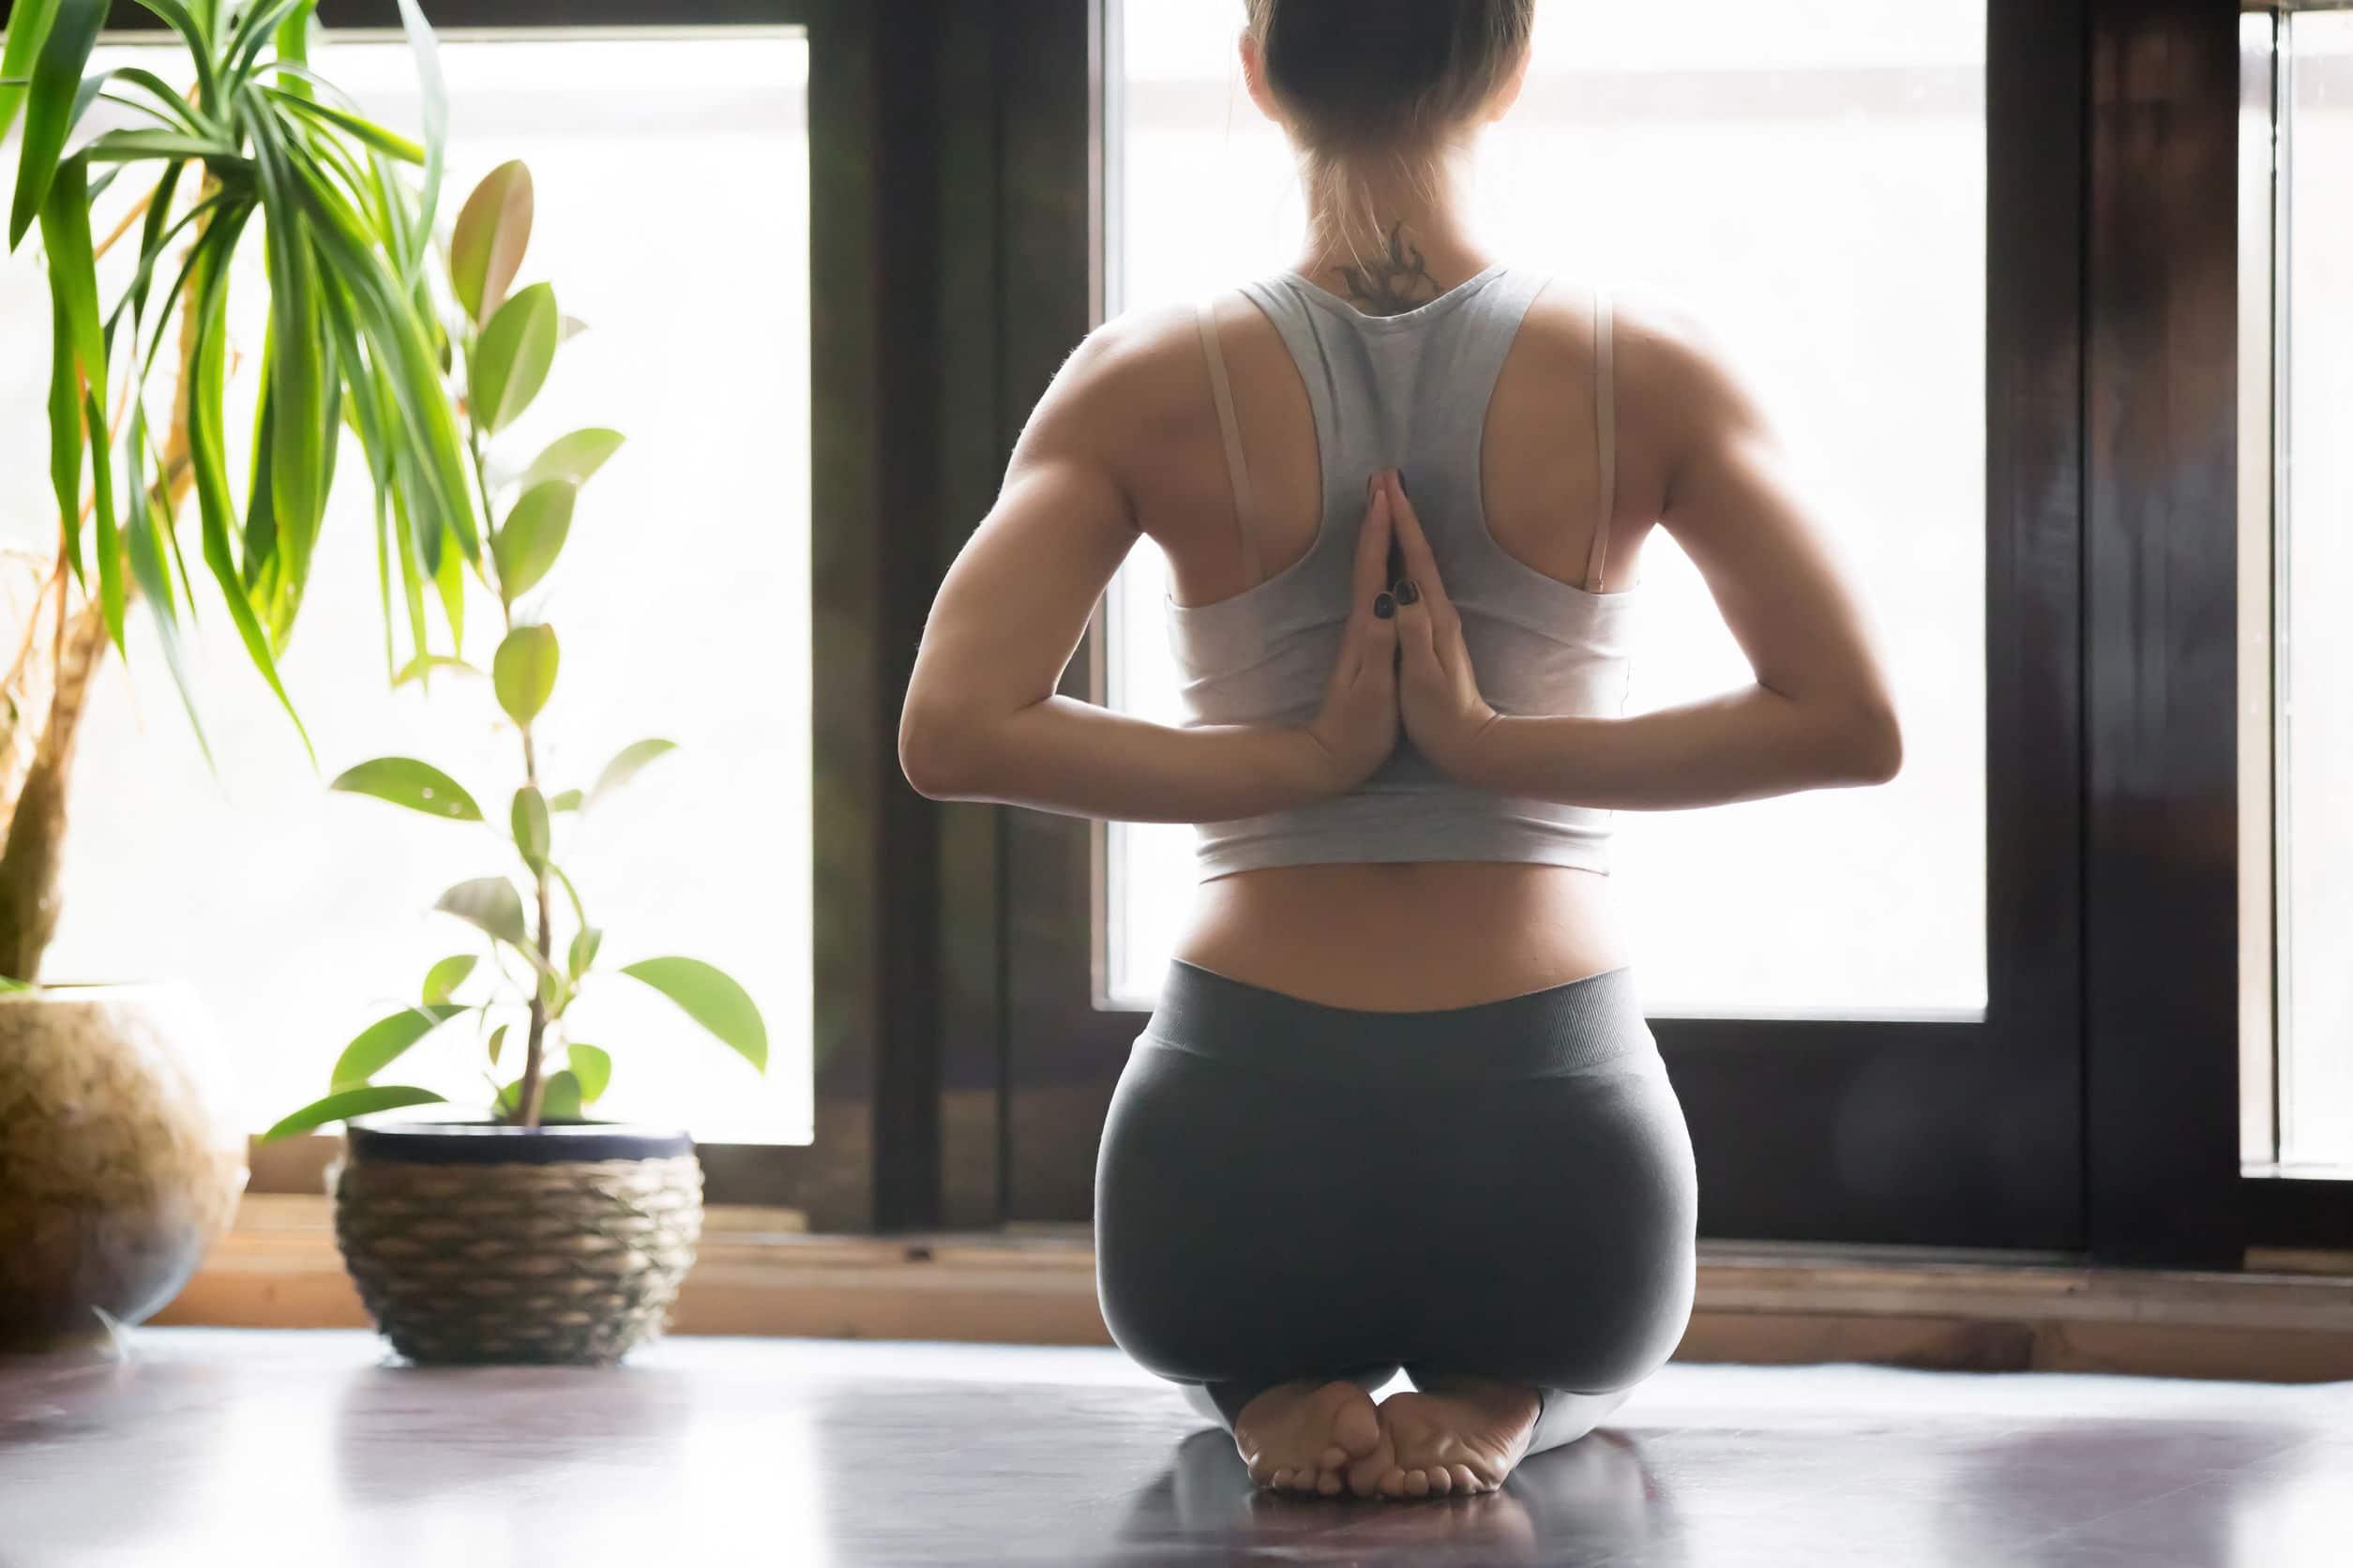 Mulher praticando yoga e meditação na sala de casa. Um planta ao lado da mulher e uma janela à frente. Bastante claridade entrando pela janela.